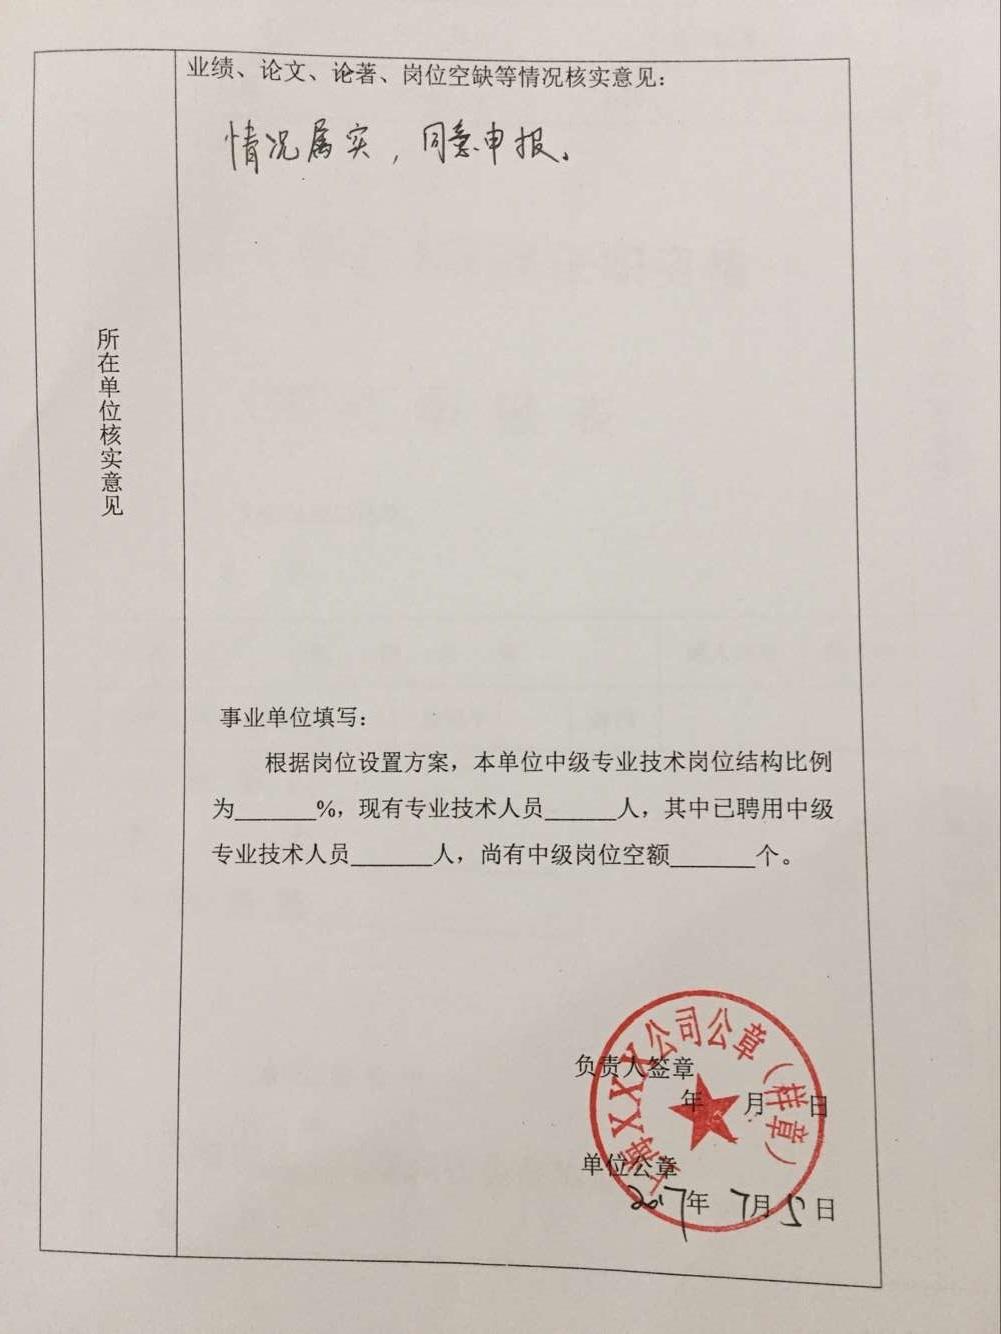 建筑专业毕业证书_中级建筑盖章说明【样板】 - 中级职称 - 中级职称,上海中级职称 ...